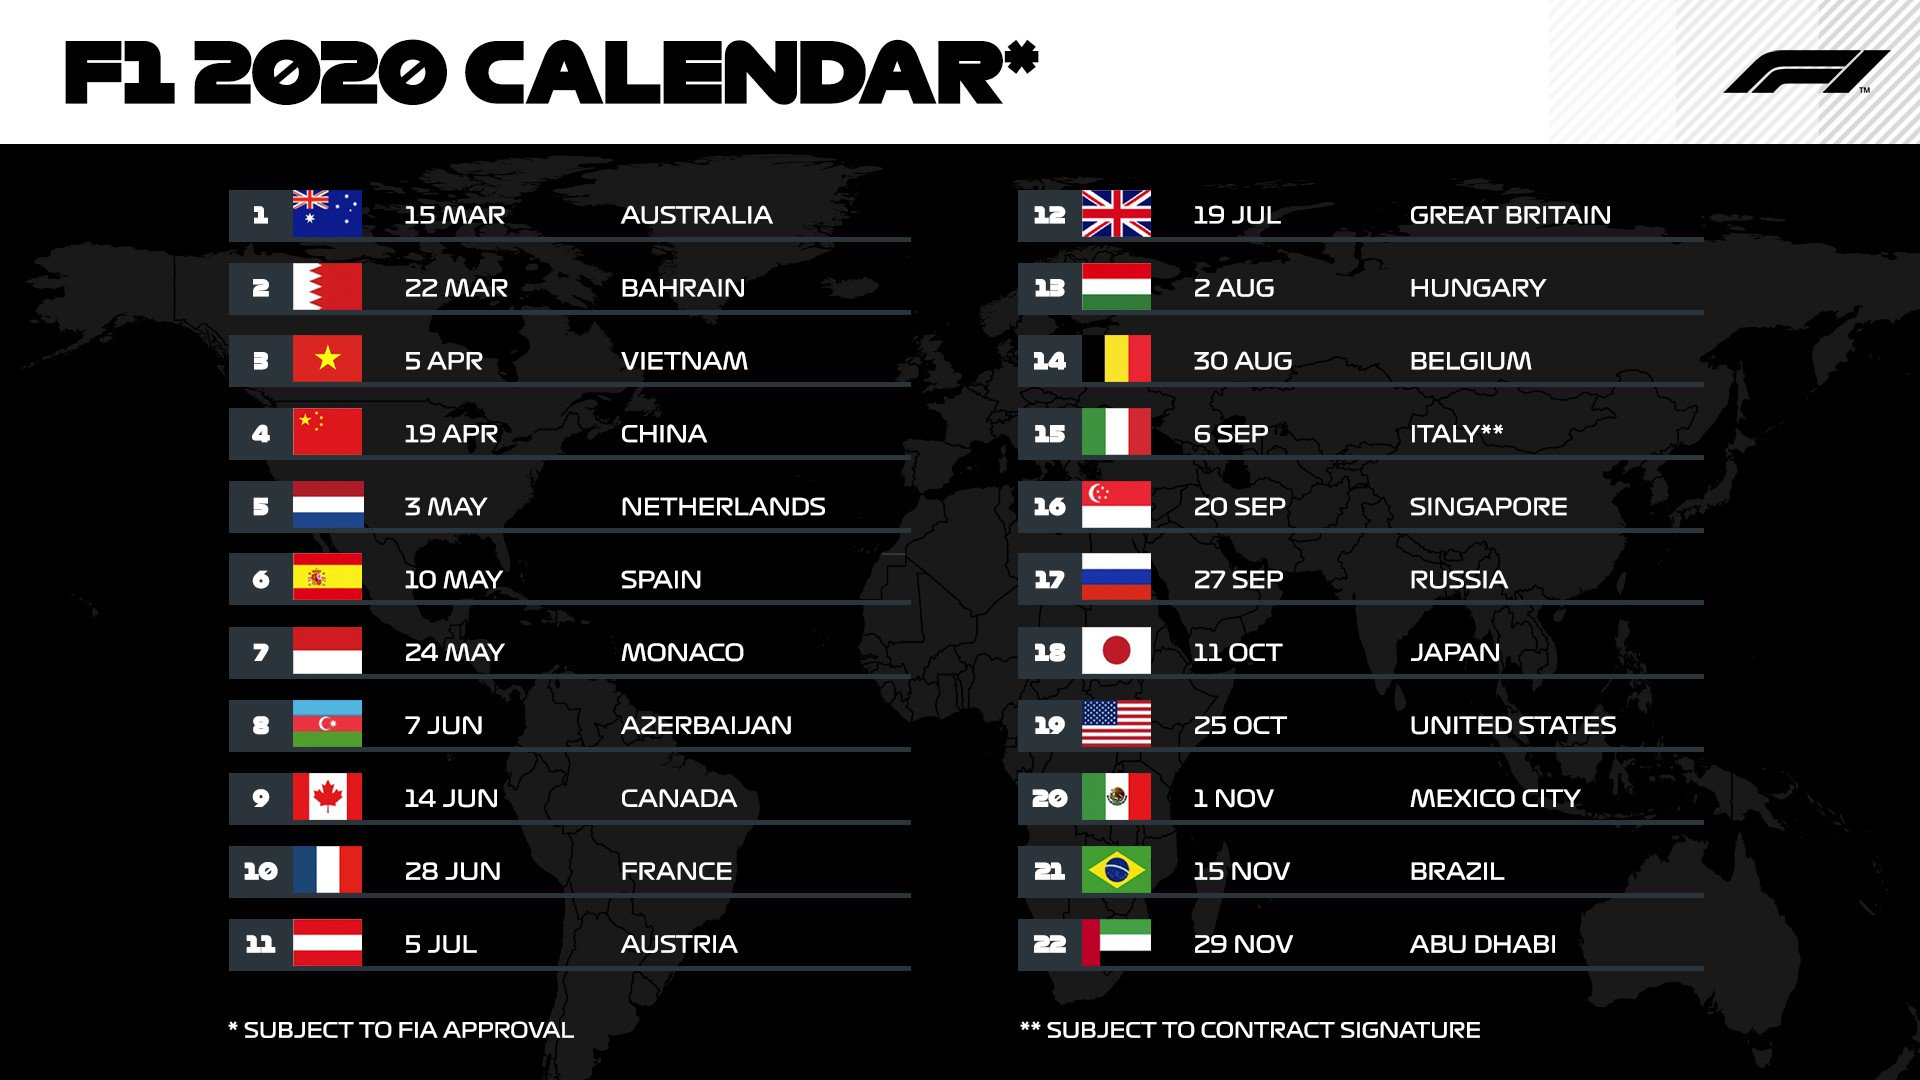 Calendario F.F 1 Divulga Calendario Para 2020 E Confirma Recorde De Gps